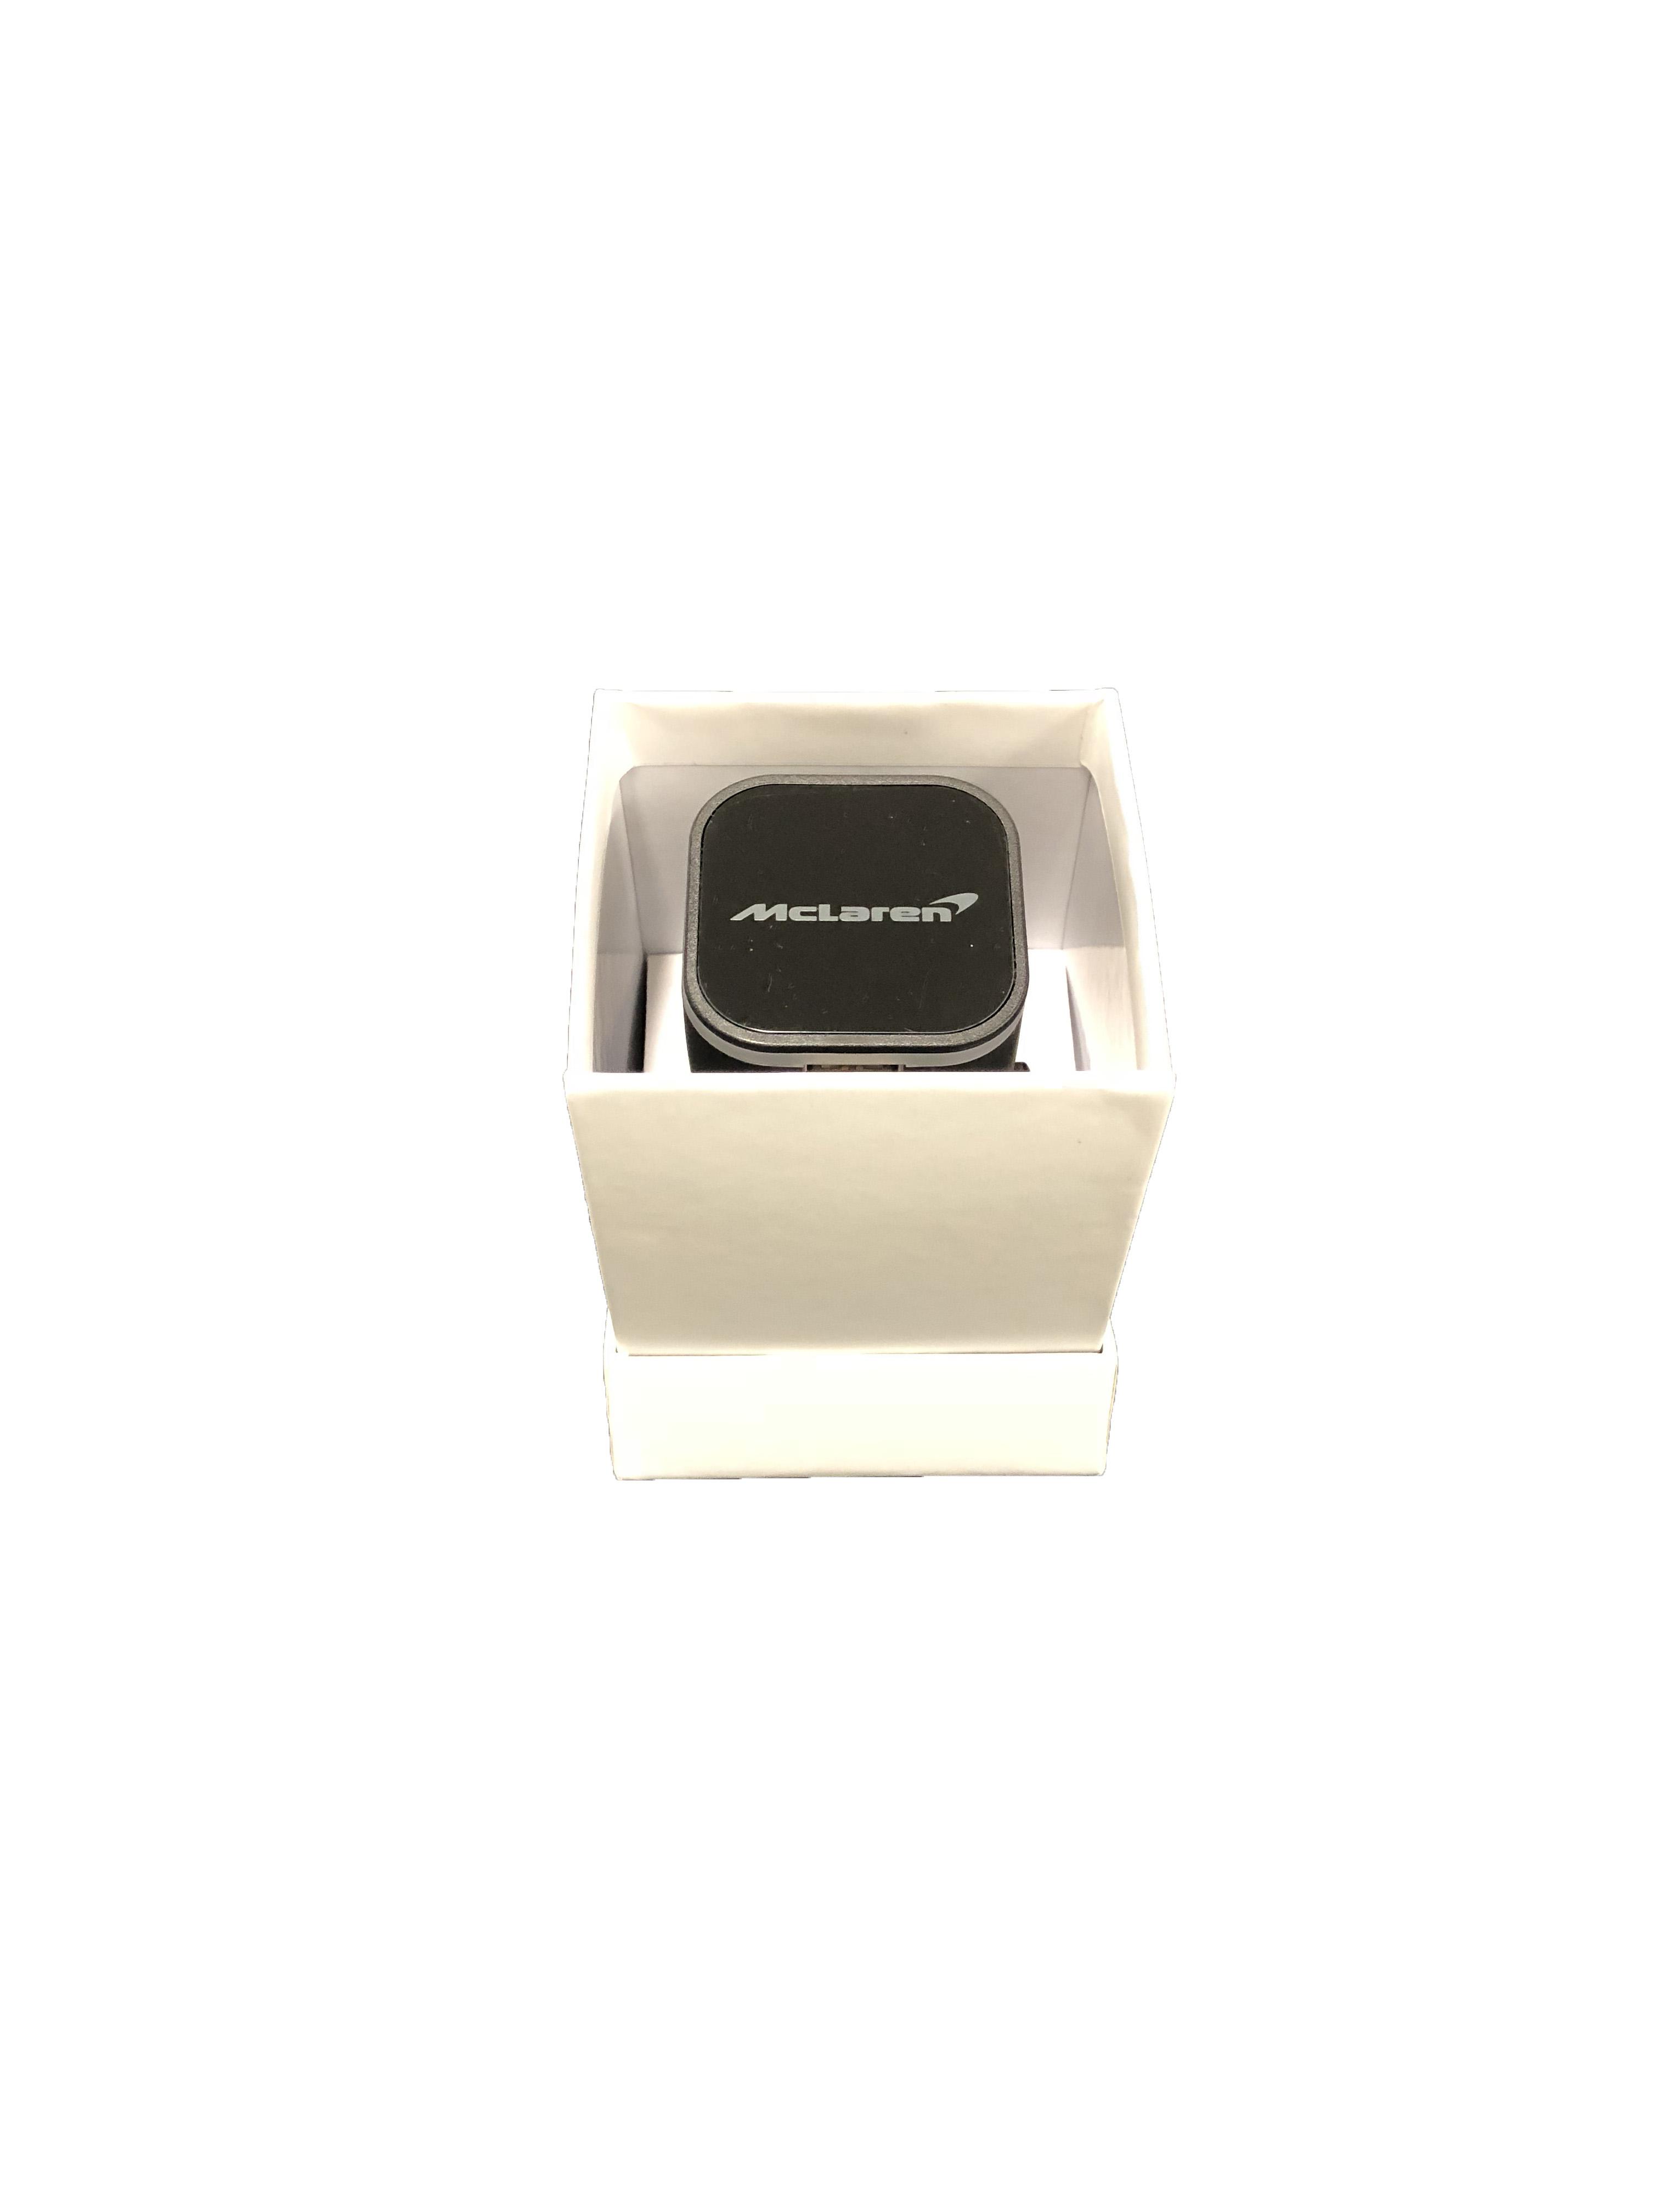 McLaren Official Travel Adapter